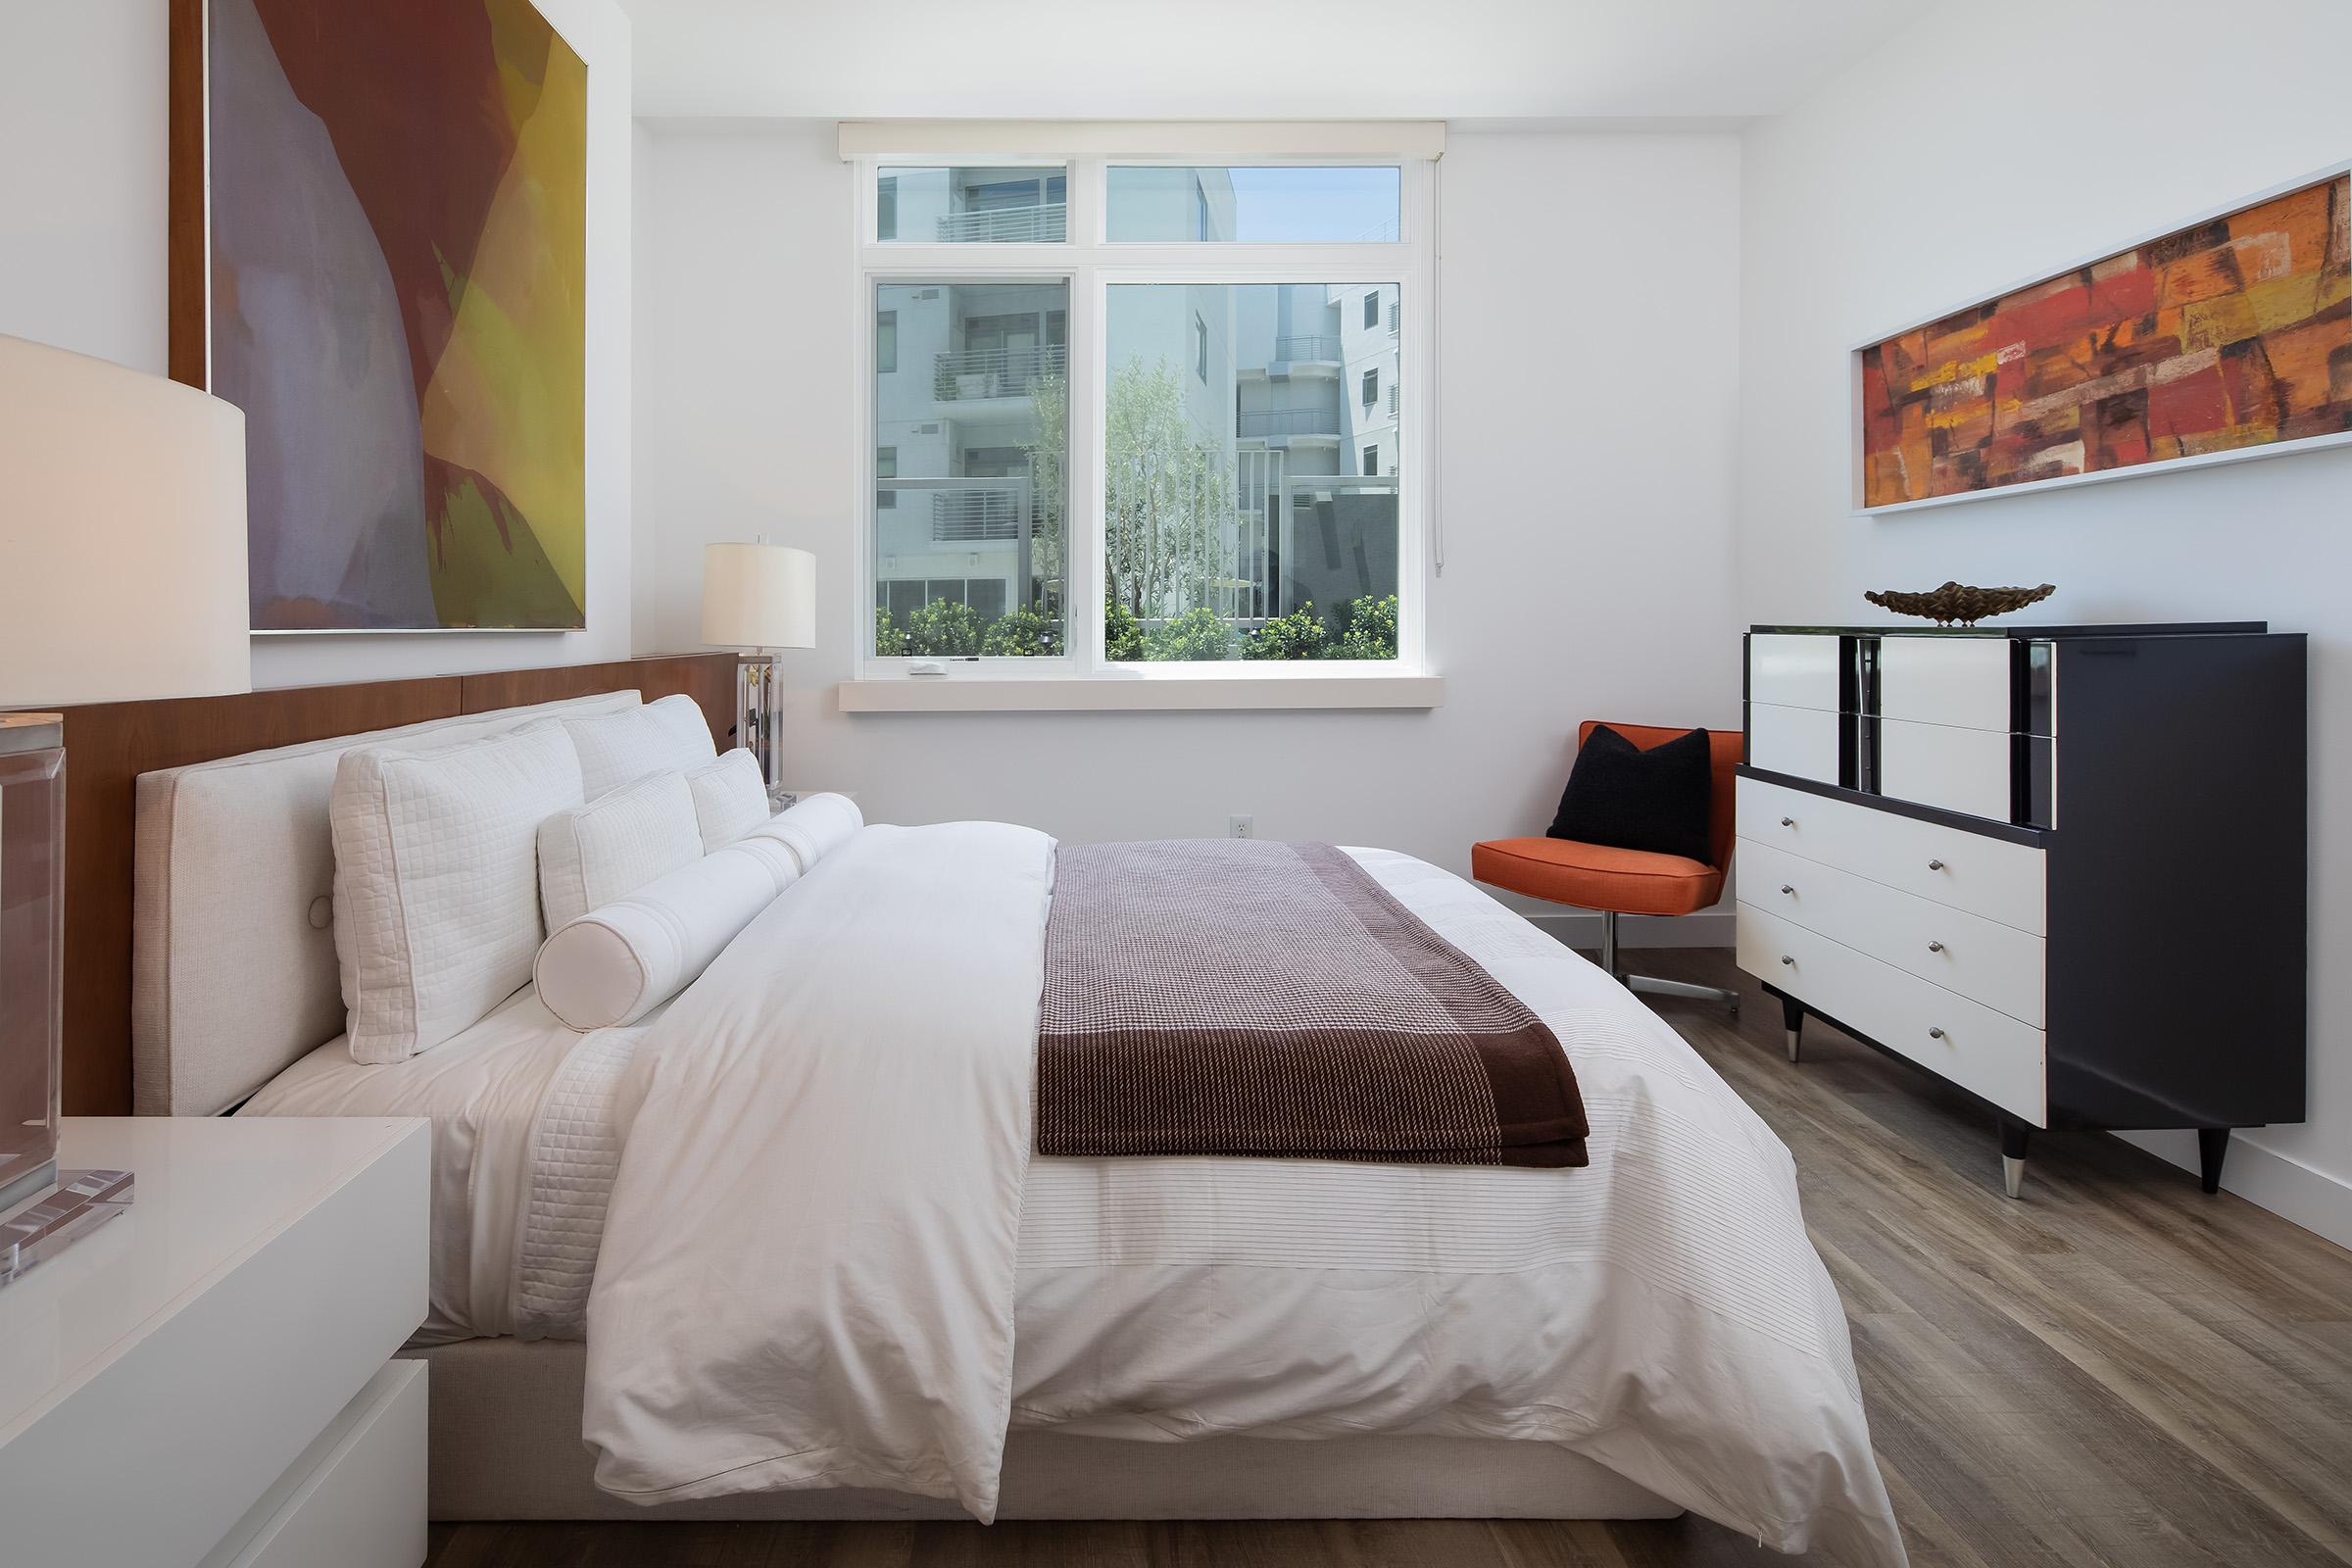 The-Avenue-One-Bedroom-Bedroom